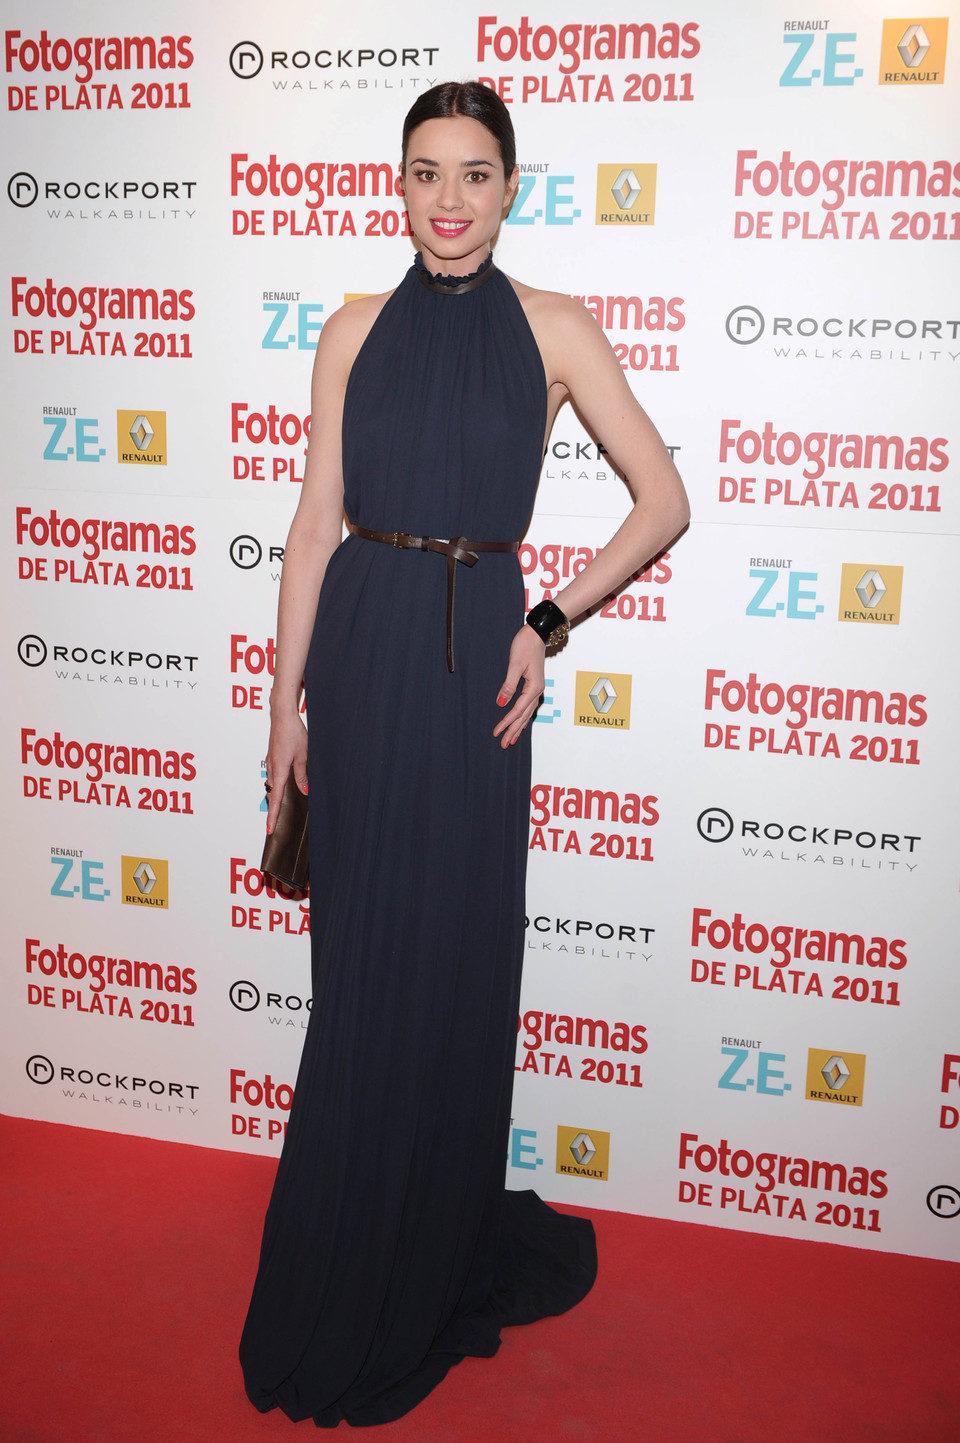 Dafne Fernández en los Fotogramas de Plata 2011